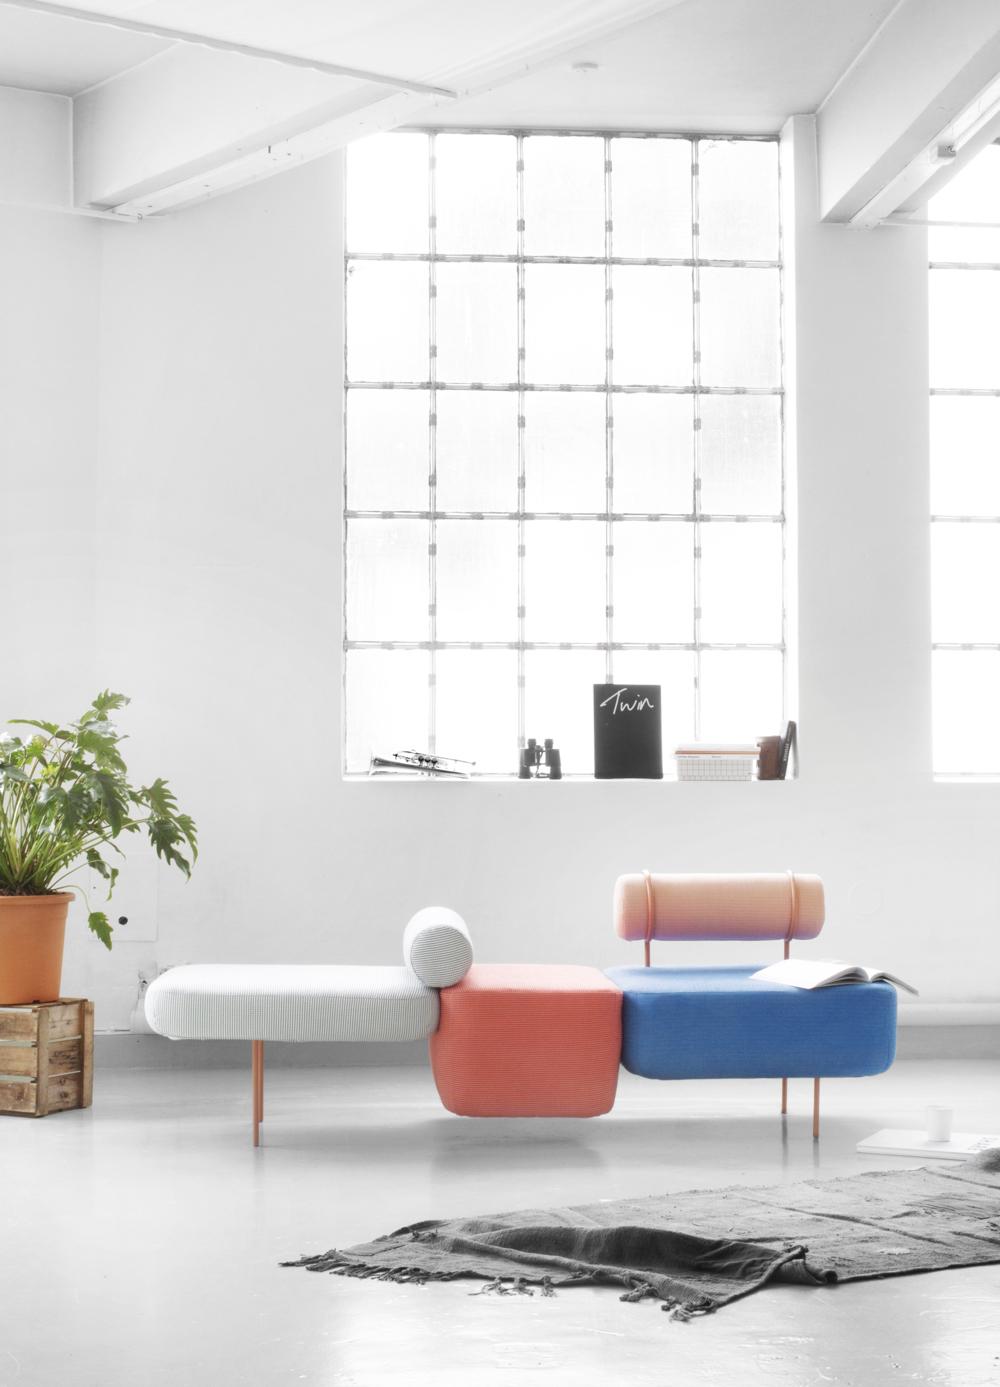 Кресло в стиле дизайна Мемфис